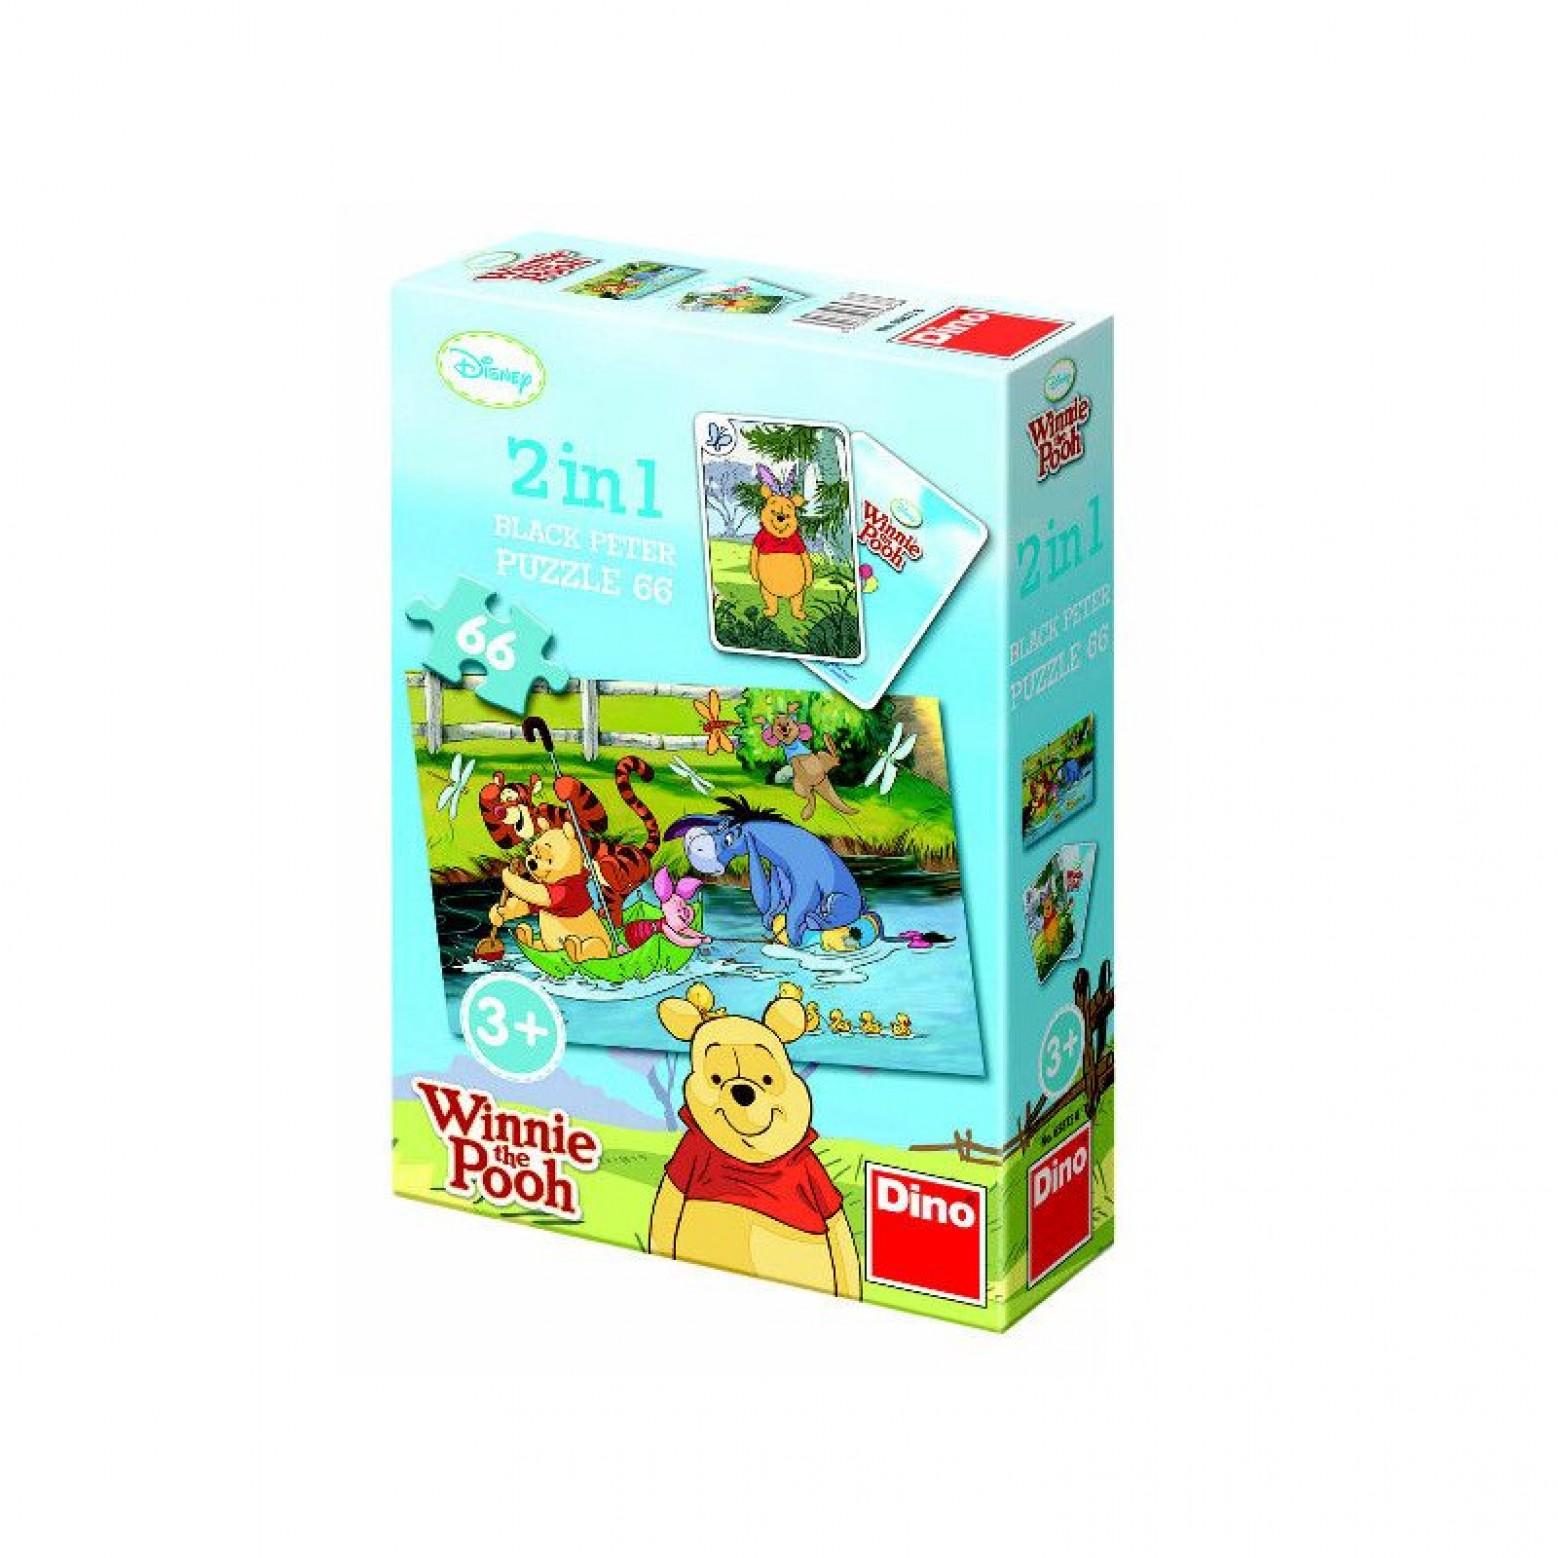 Winnie de pooh 2 in 1 puzzel 66 stukjes 3+